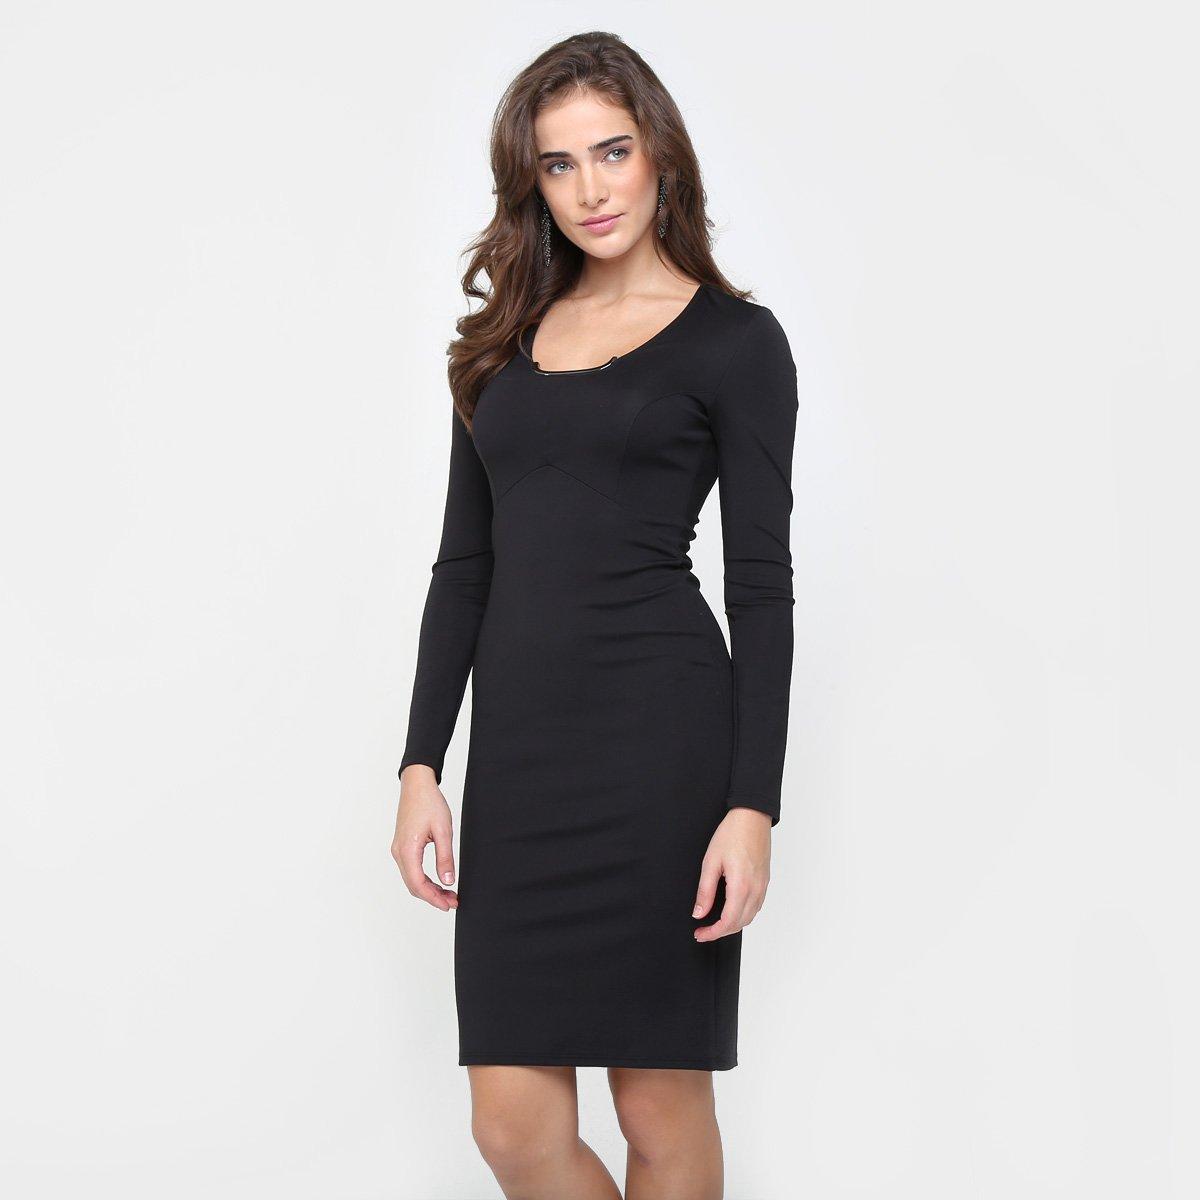 84c562600 Vestido Colcci Midi Ferragem Gola - Compre Agora | Zattini